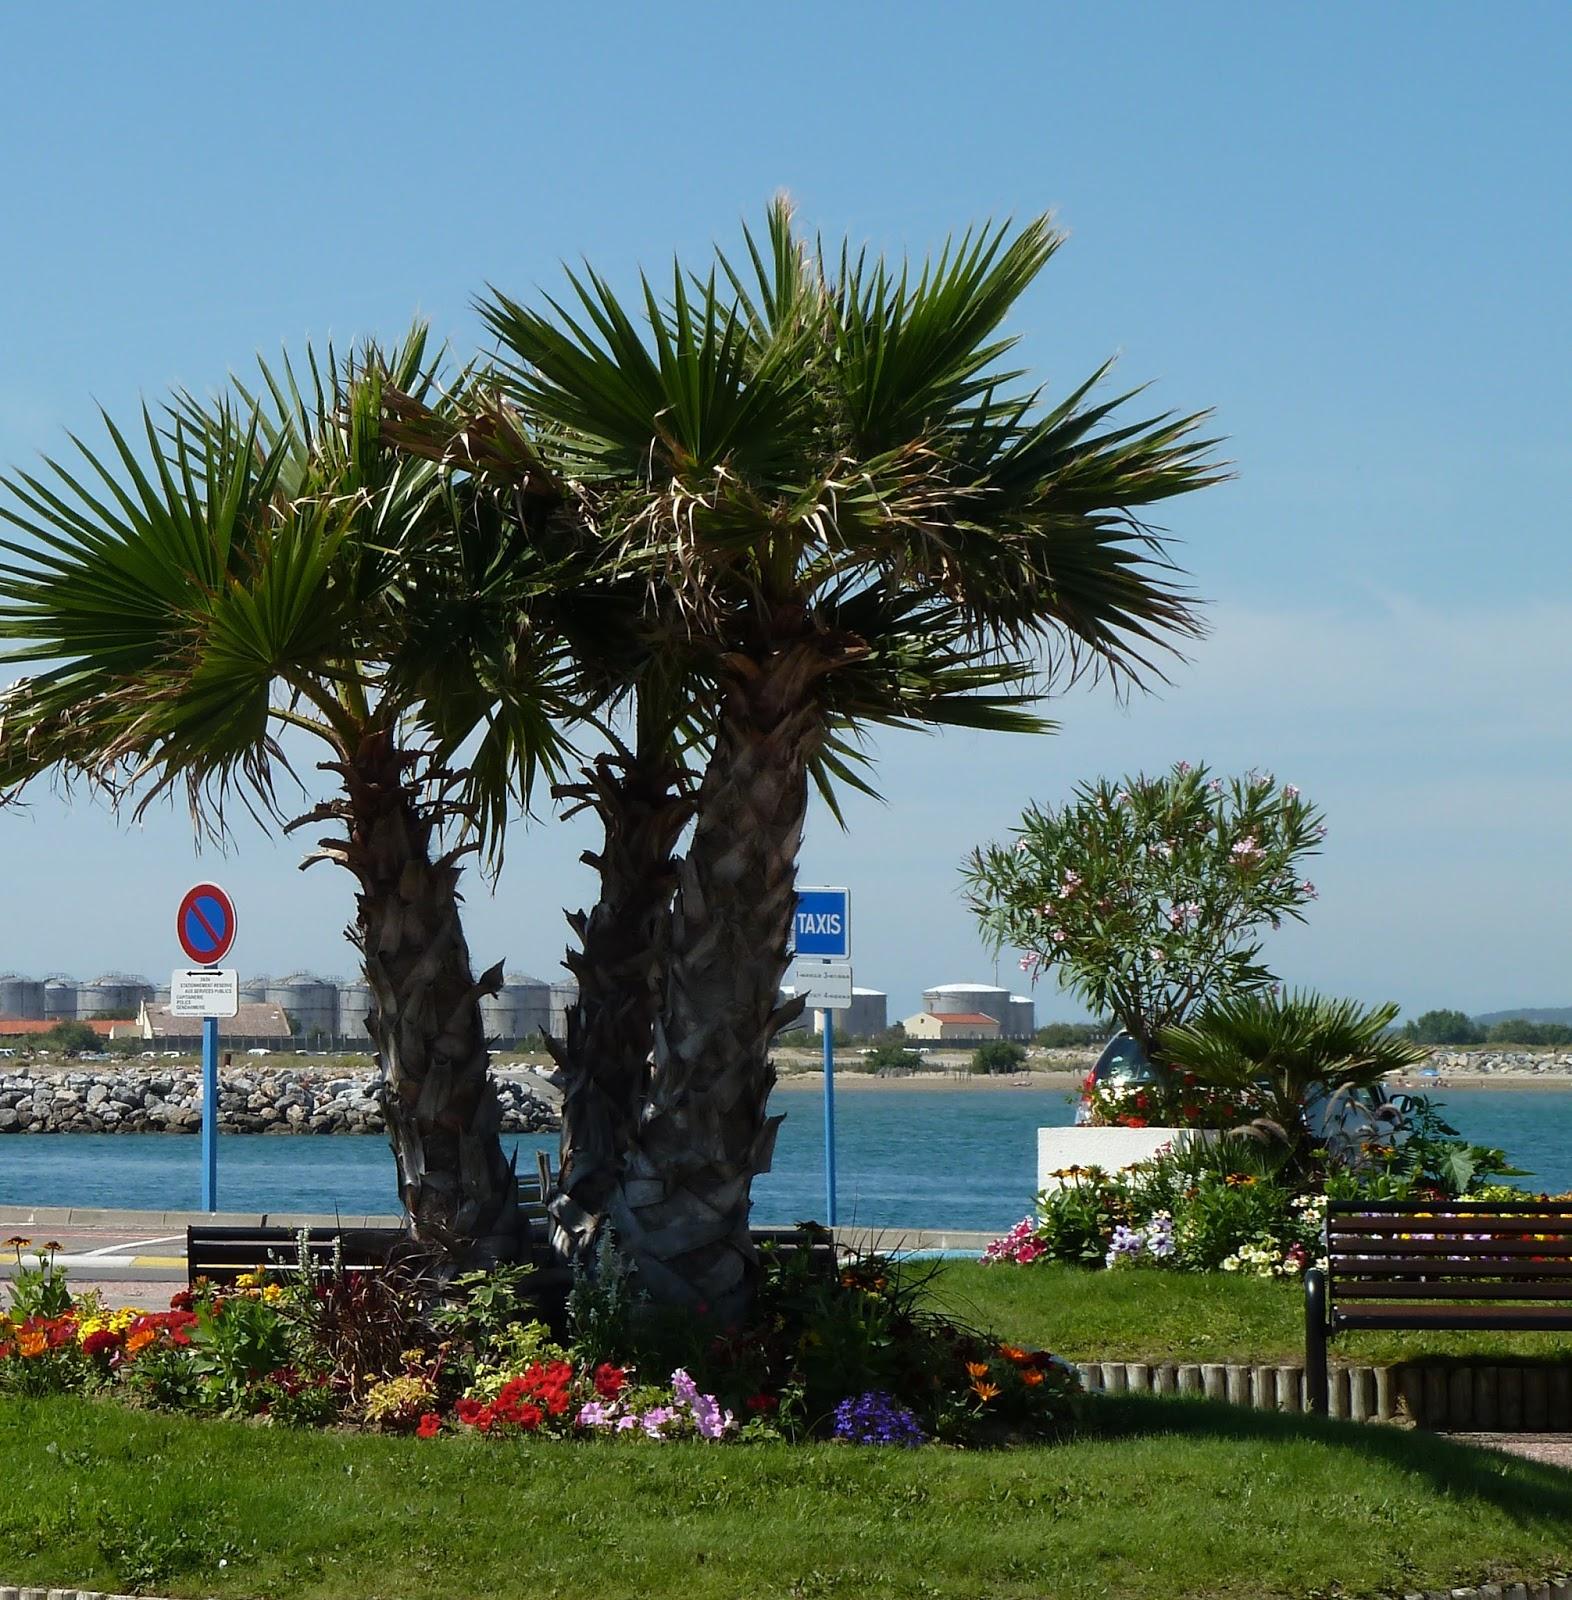 Traces de pastel exposition port la nouvelle - Office de tourisme port la nouvelle ...